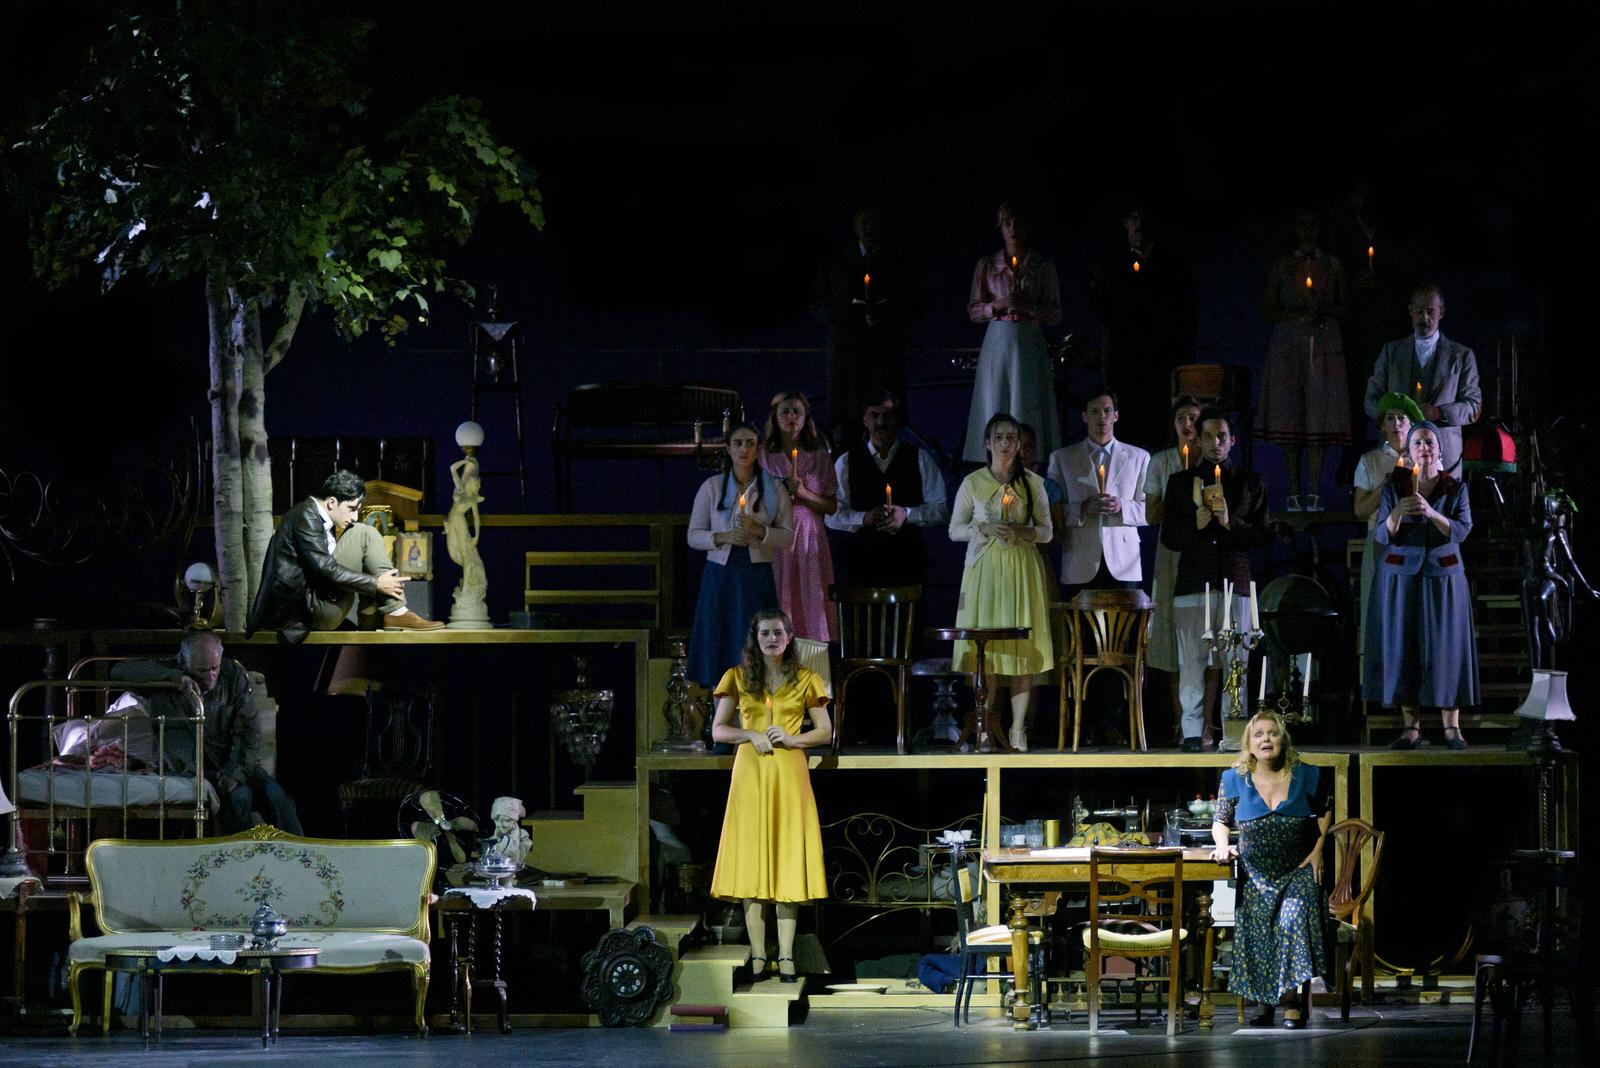 Το Τρίτο Στεφάνι στο Θέατρο Παλλάς, φωτογραφία: Ελίνα Γιουνανλή